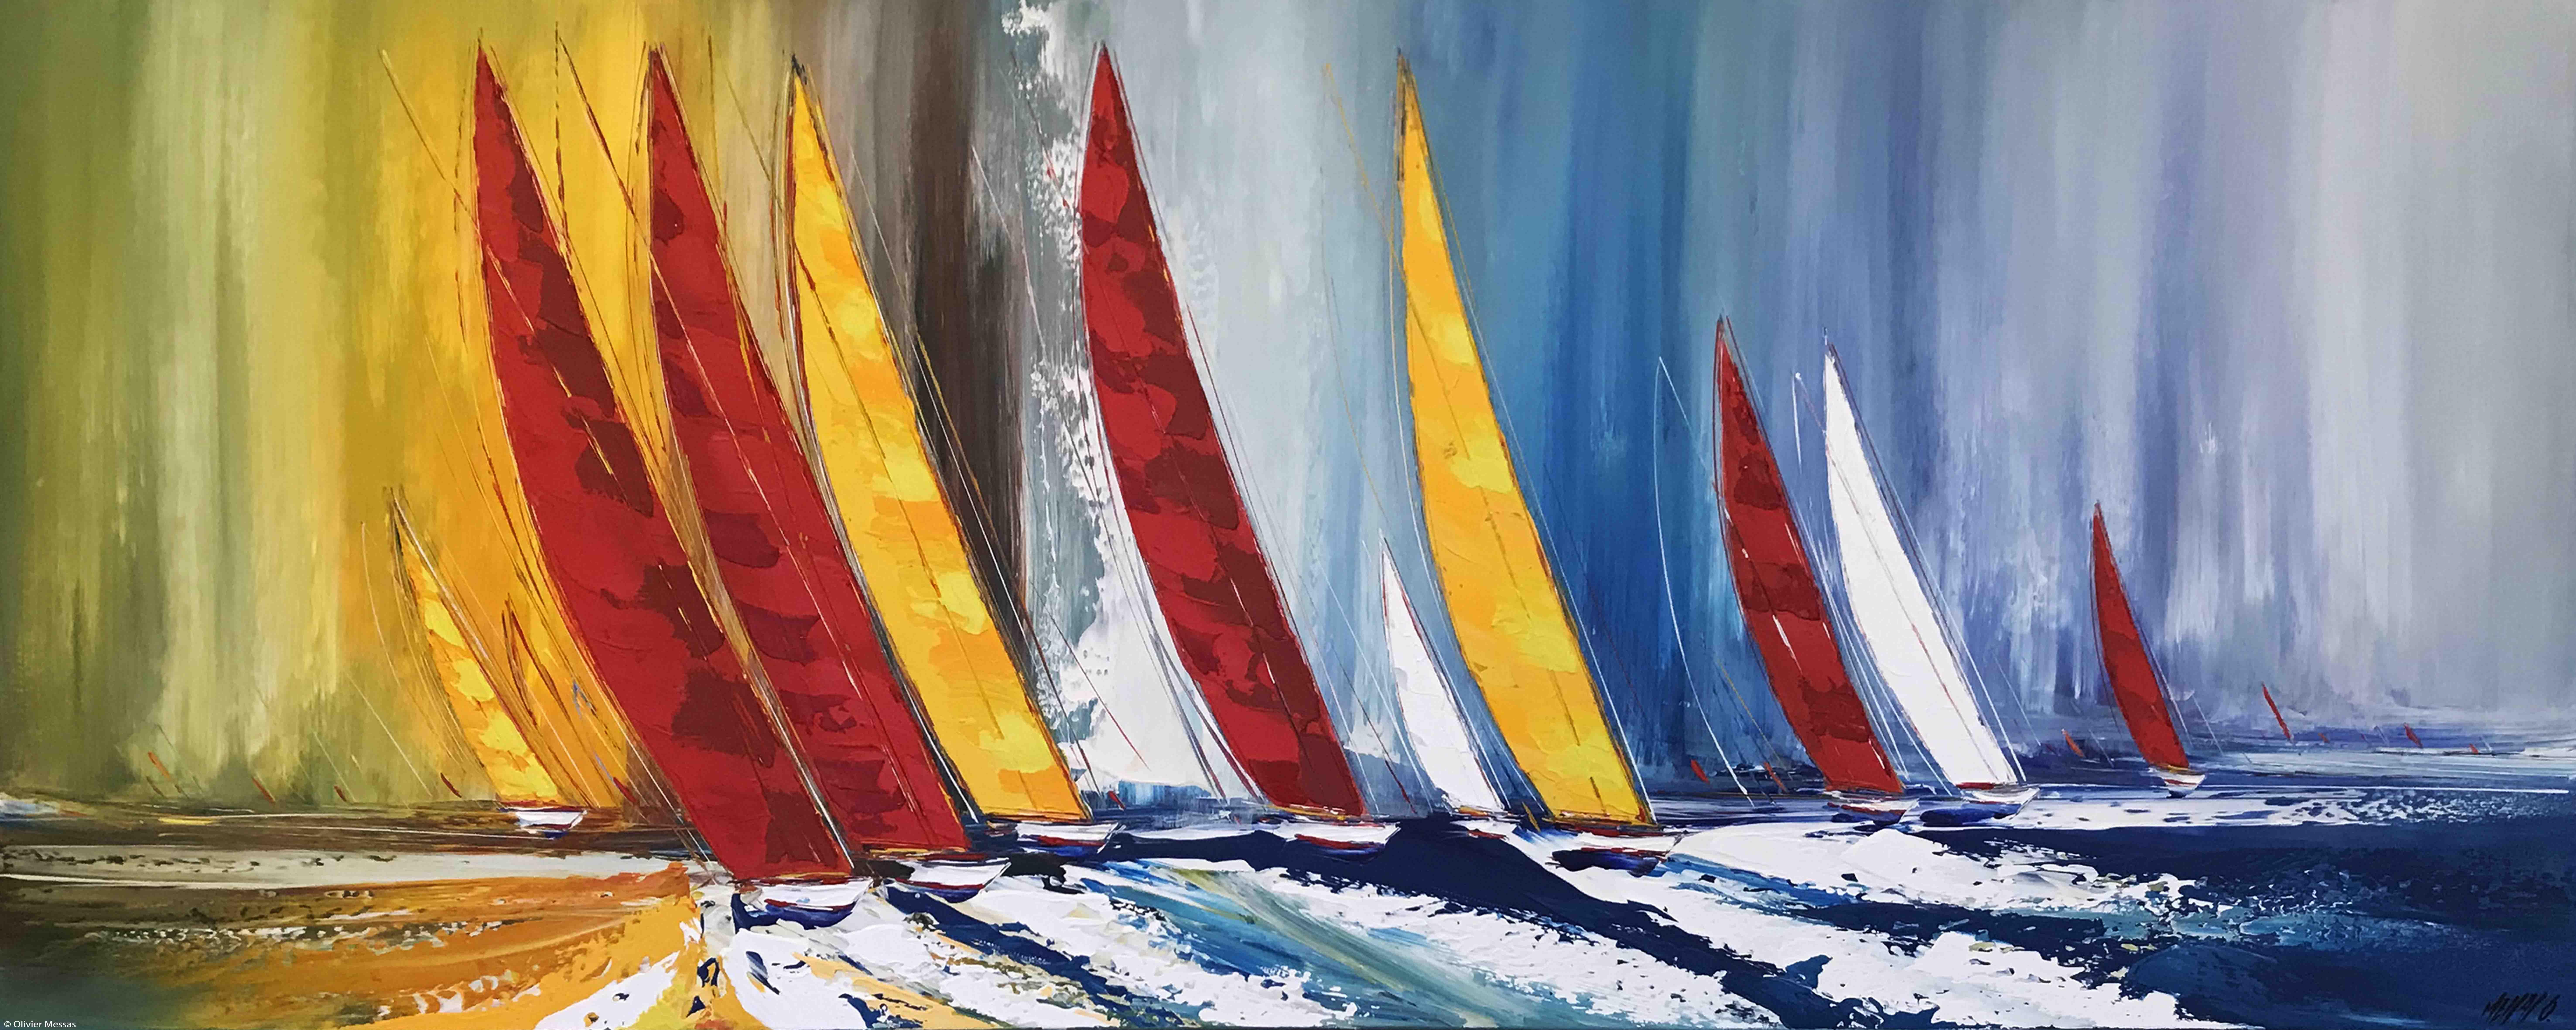 Les voiliers de la Liberté... II, 80